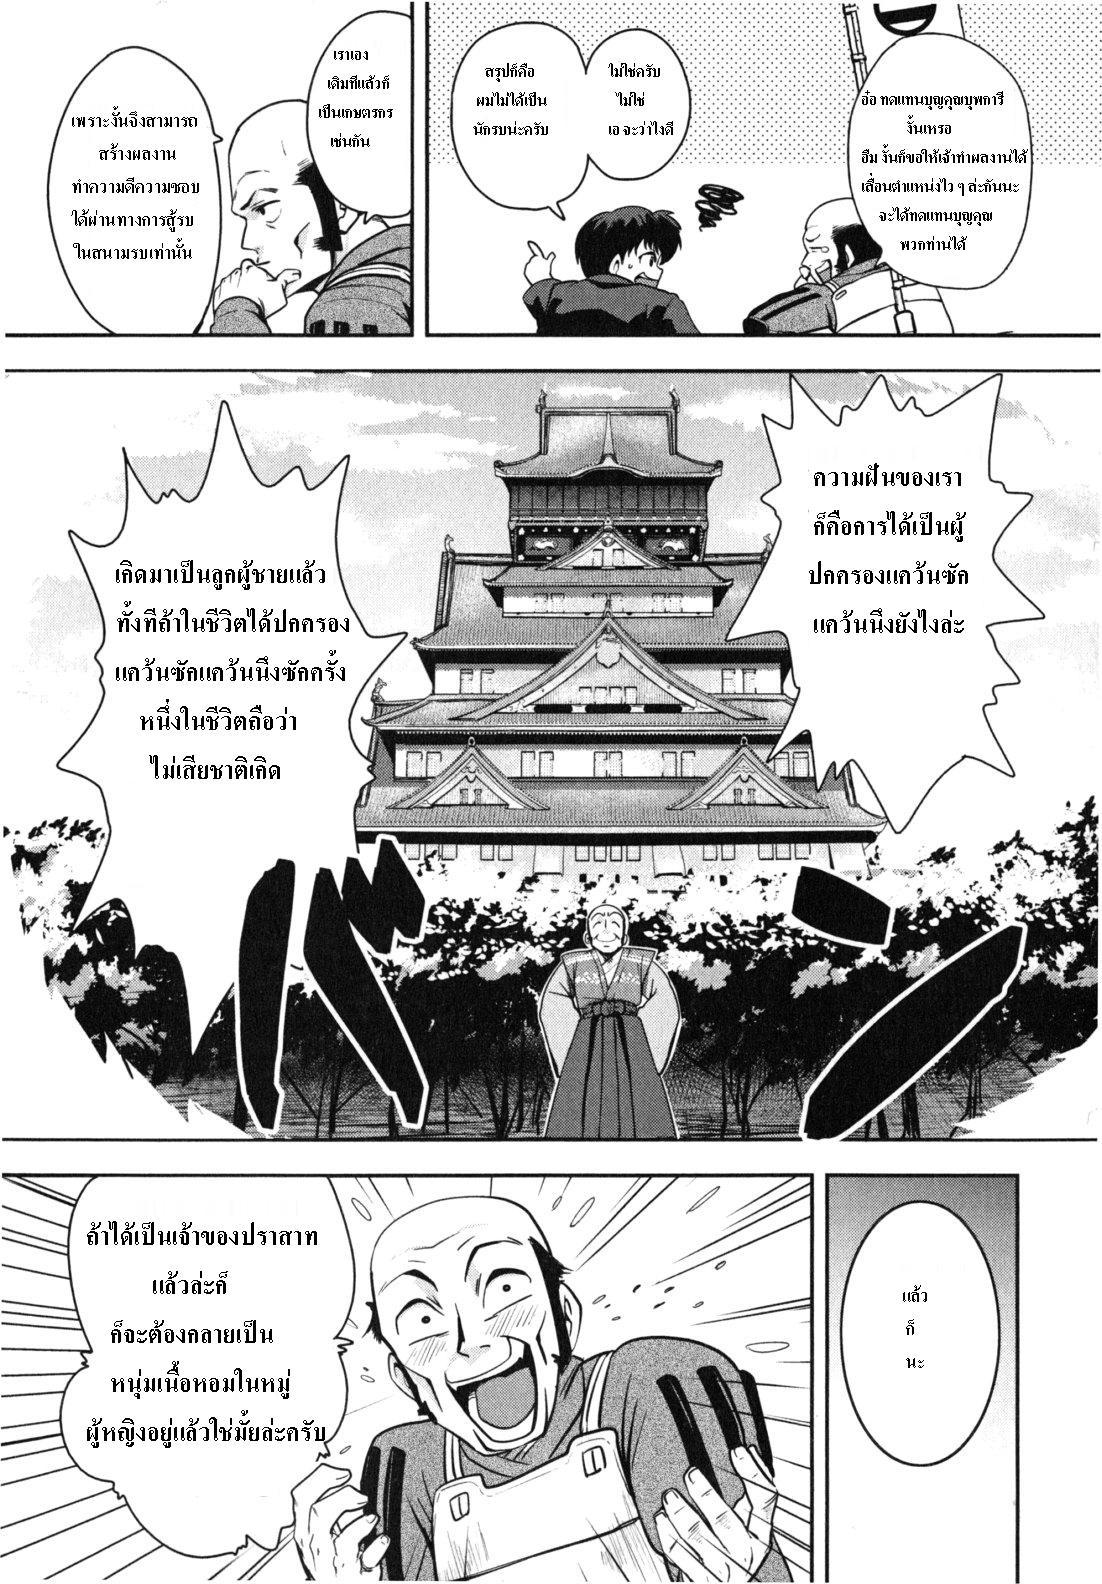 อ่านการ์ตูน Oda nobuna no yabou 1.1 ภาพที่ 9